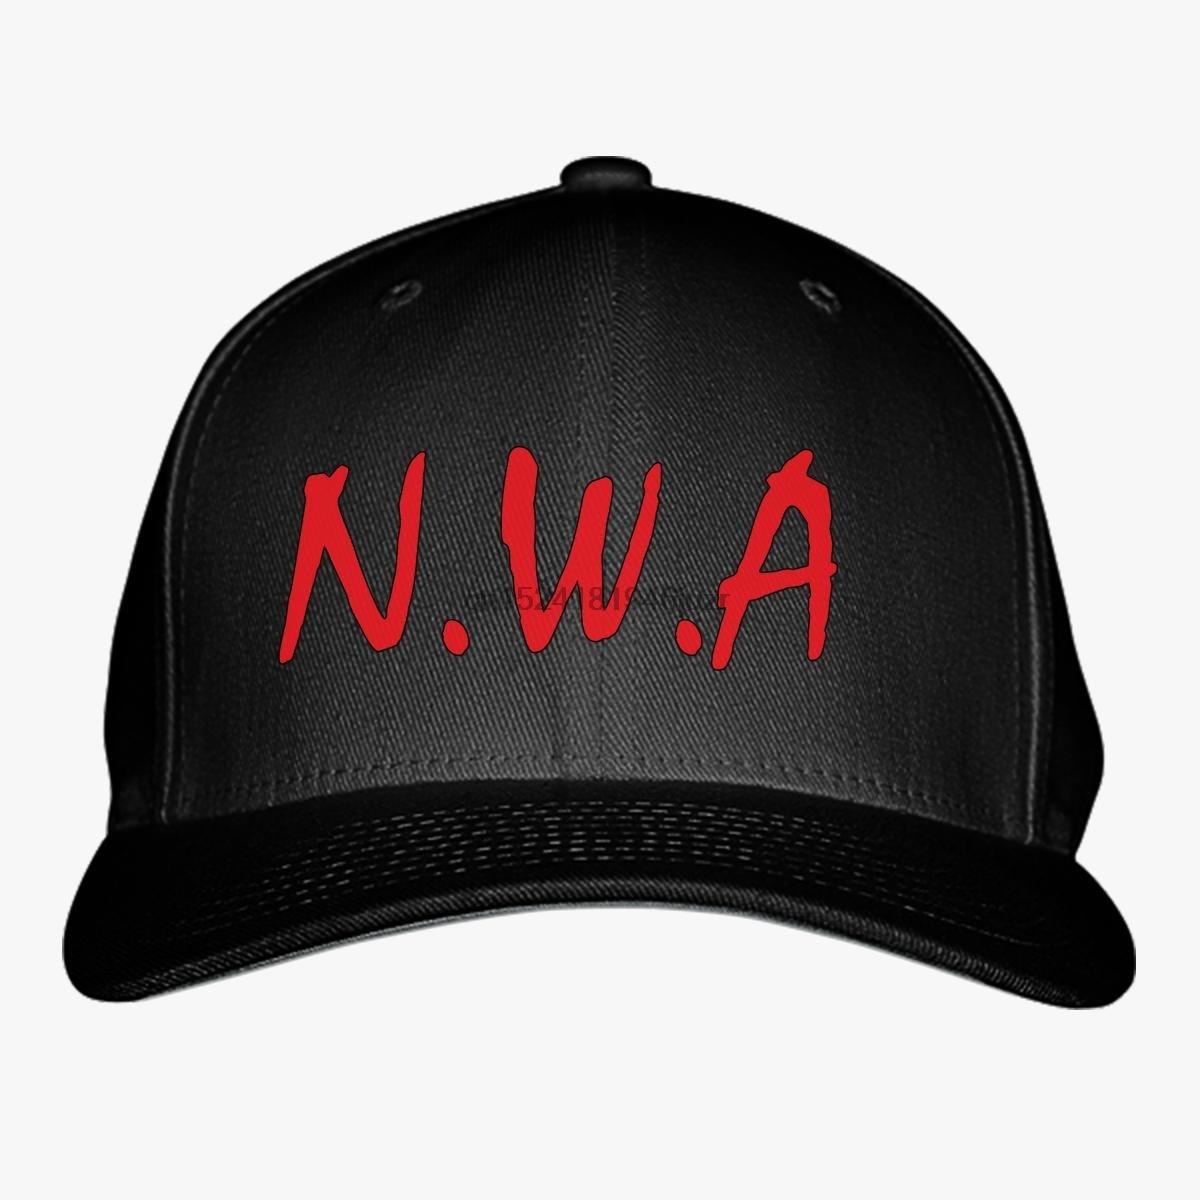 hip hop Baseball caps Printed snapback N.W.A Baseball Cap